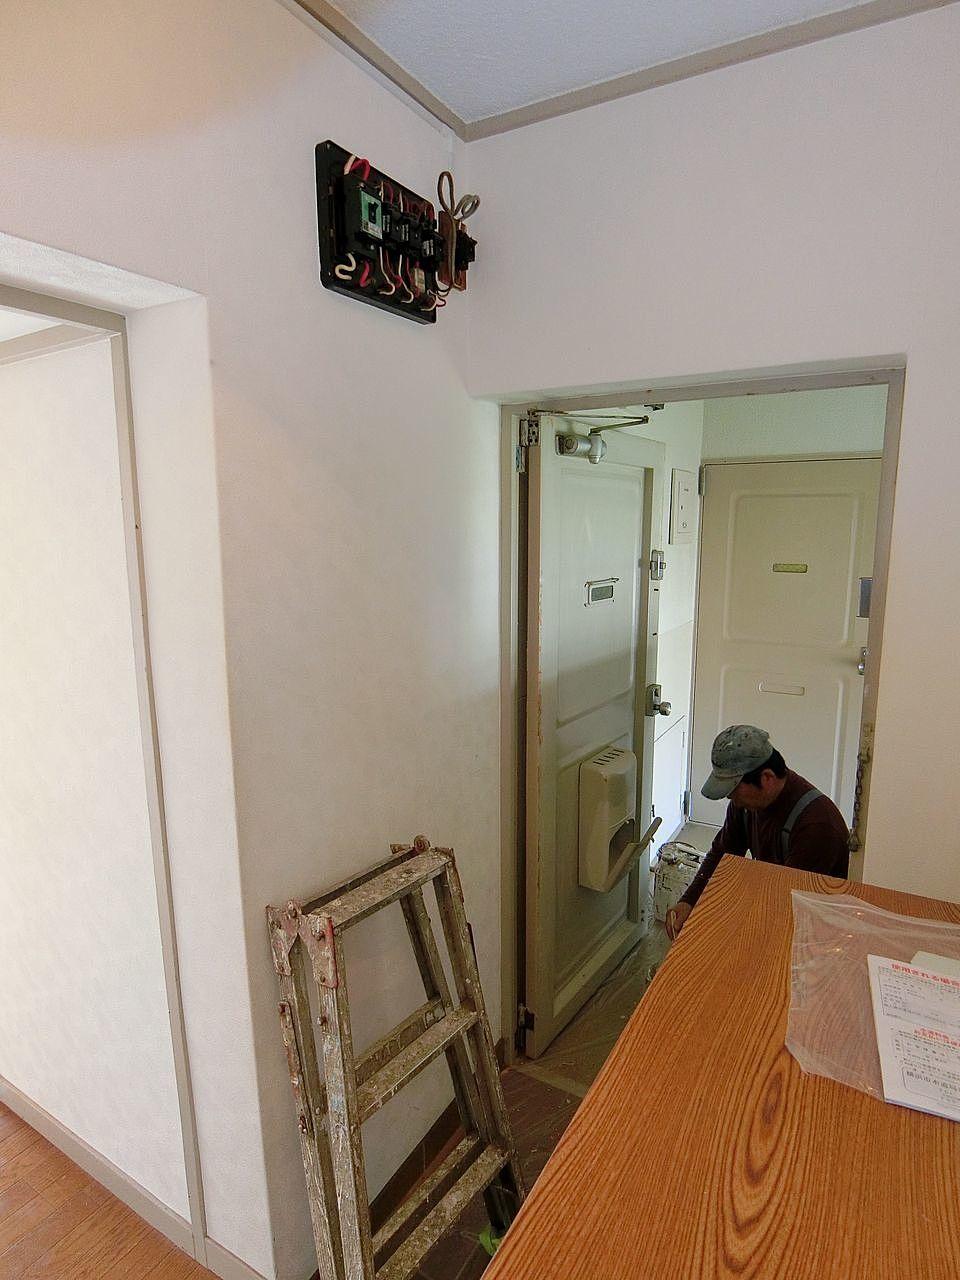 たまプラーザ団地の玄関ドアー内側のペンキ塗装作業中の職人さん